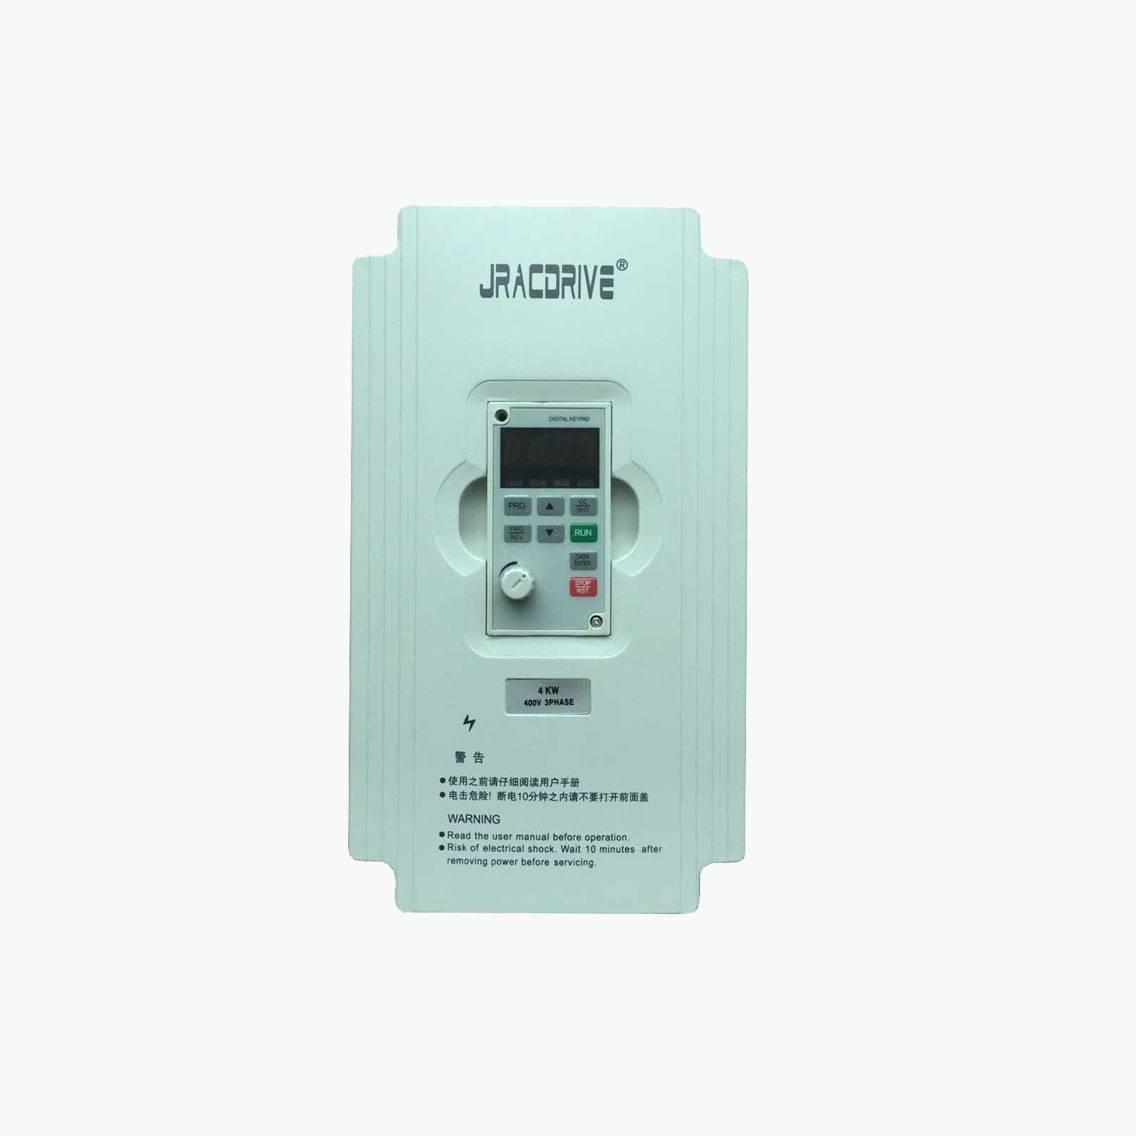 JAC780 series general purpose inverter